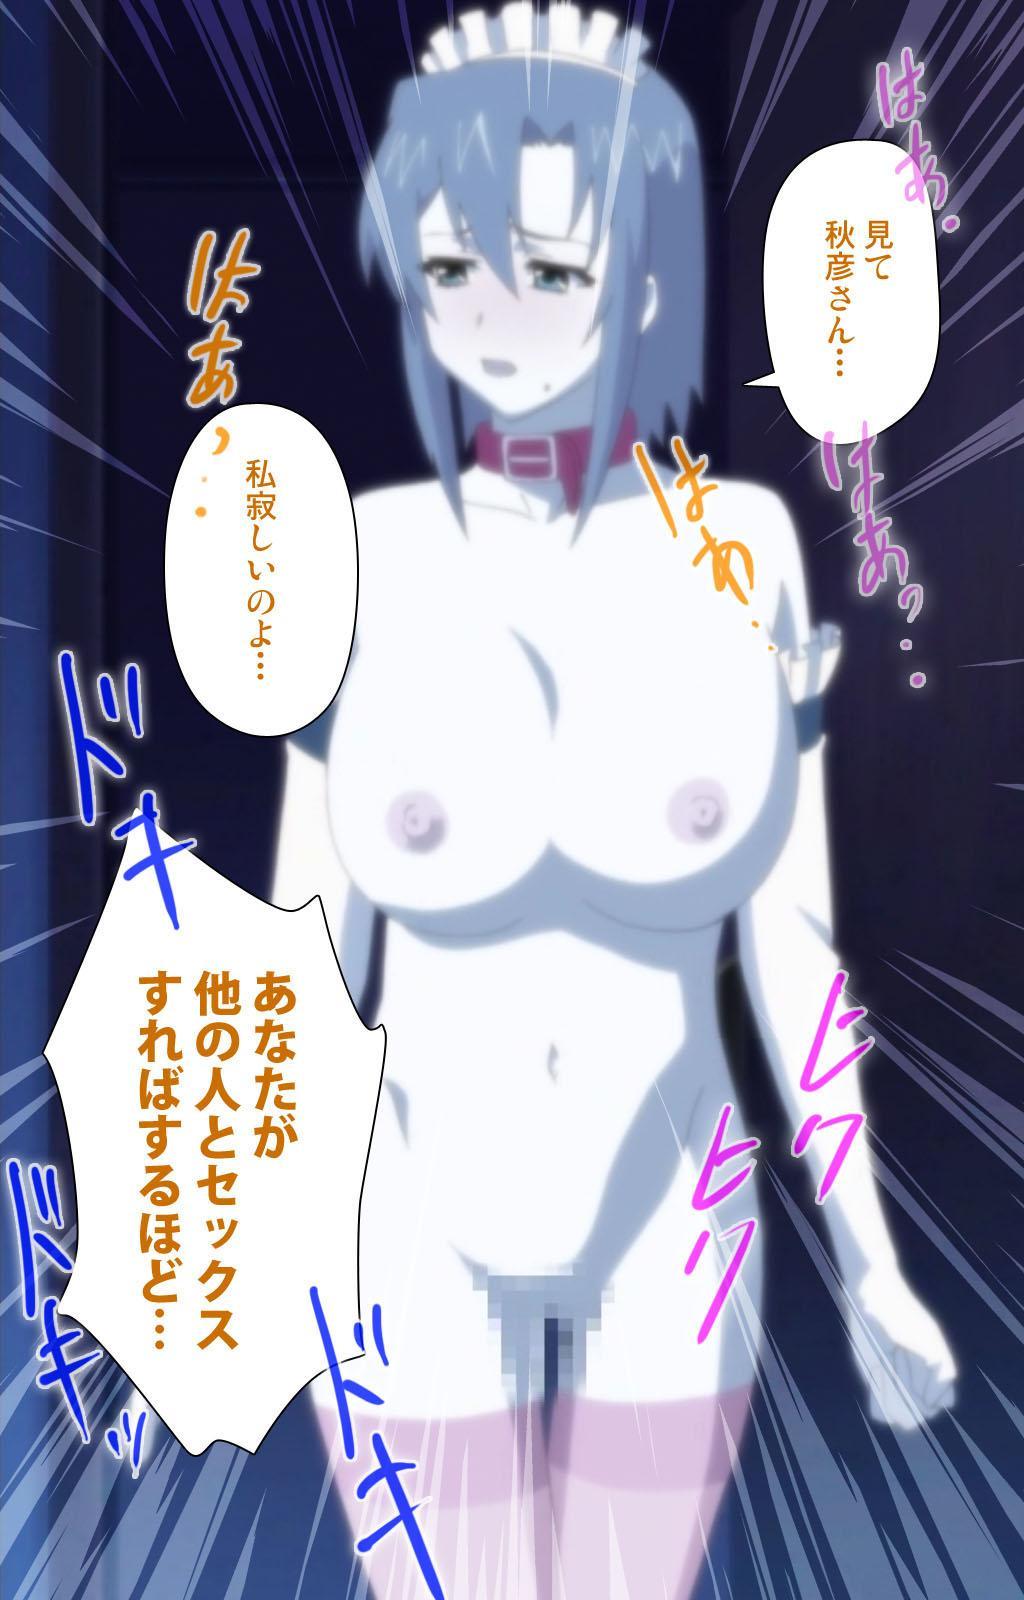 Tsuma no haha Sayuri Kanzenban 207